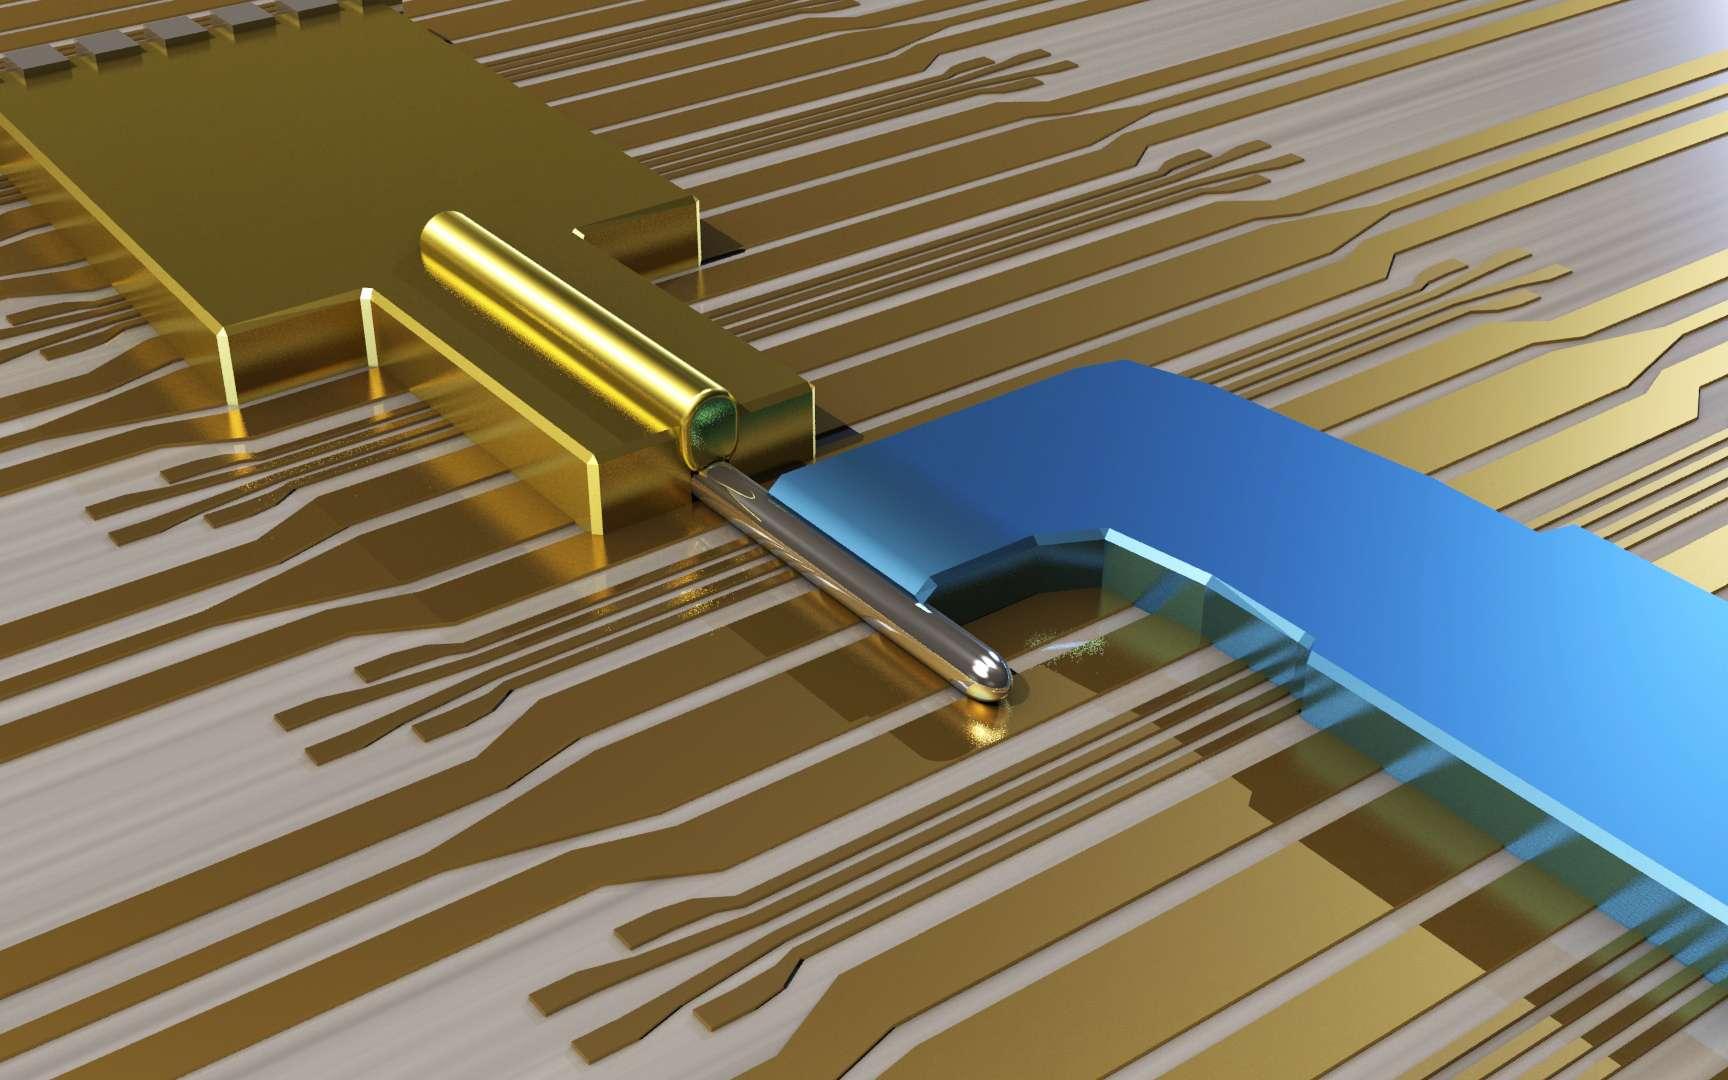 Une représentation d'un transistor où les physiciens ont provoqué la naissance de « quasi-particules » décrites par la théorie des fermions de Majorana. Le nanofil en antimoniure d'indium est recouvert d'or et connecté à une électrode supraconductrice (en bleu). Un dispositif similaire a été réalisé pour étudier l'effet de la décohérence sur ces fermions. © TU Delft 2012